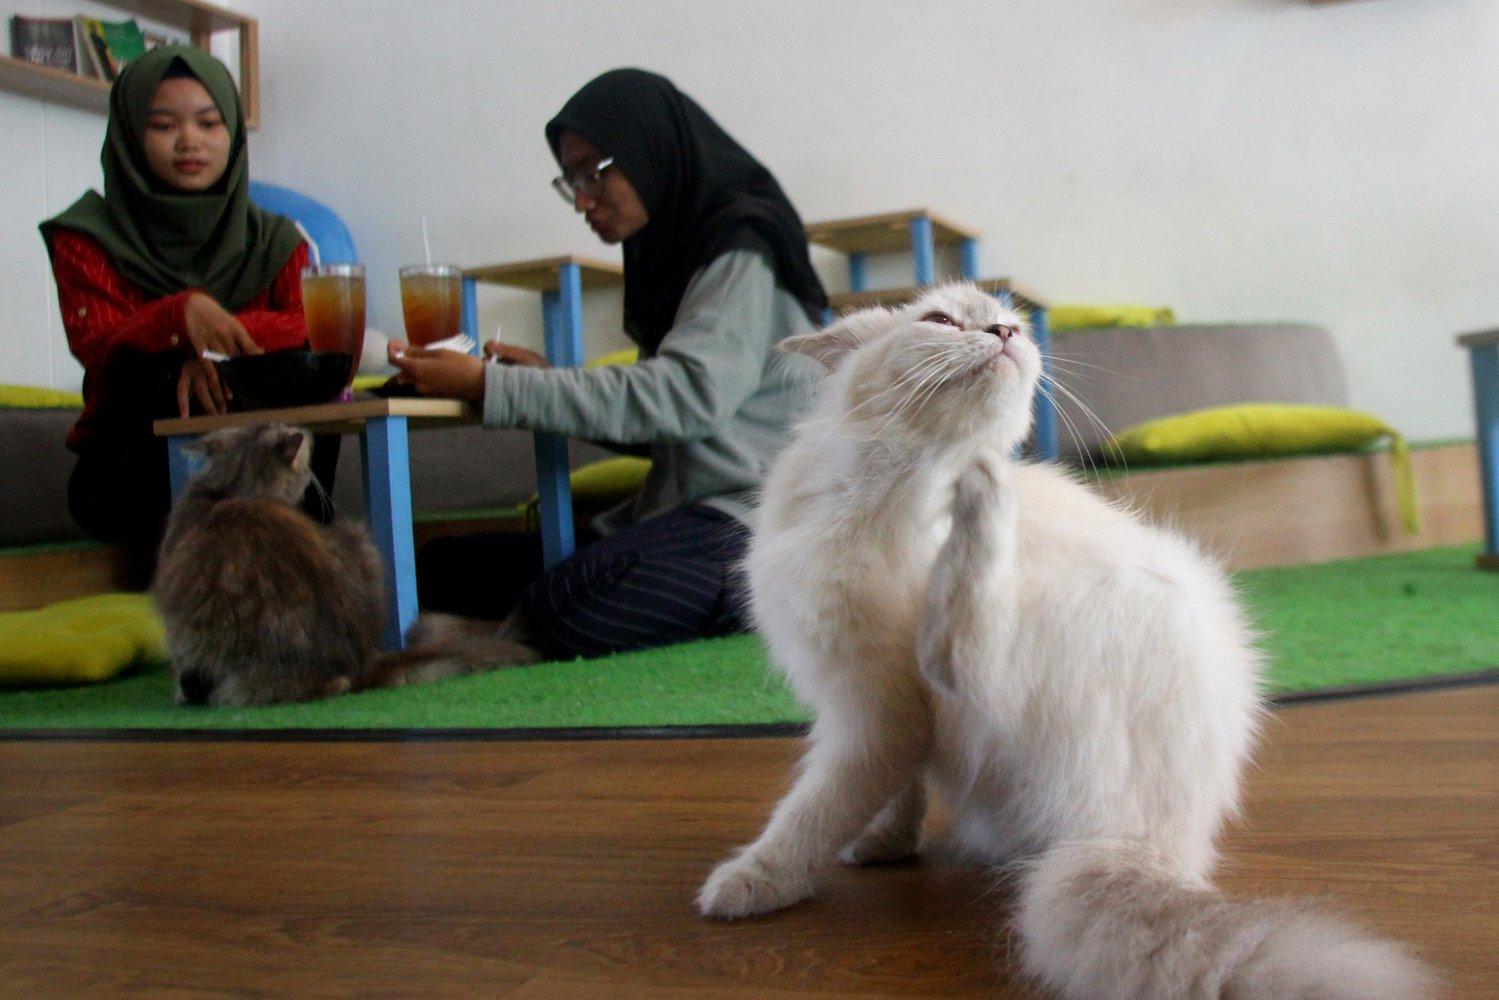 Pengunjung bermain dengan kucing di Cafe Kucing Neko-neko, Malang, Jawa Timur, Selasa (7/1/2020). Pemilik bisnis usaha cafe tersebut sengaja menghadirkan puluhan kucing sebagai daya tarik bagi para pecinta kucing untuk datang berkunjung.